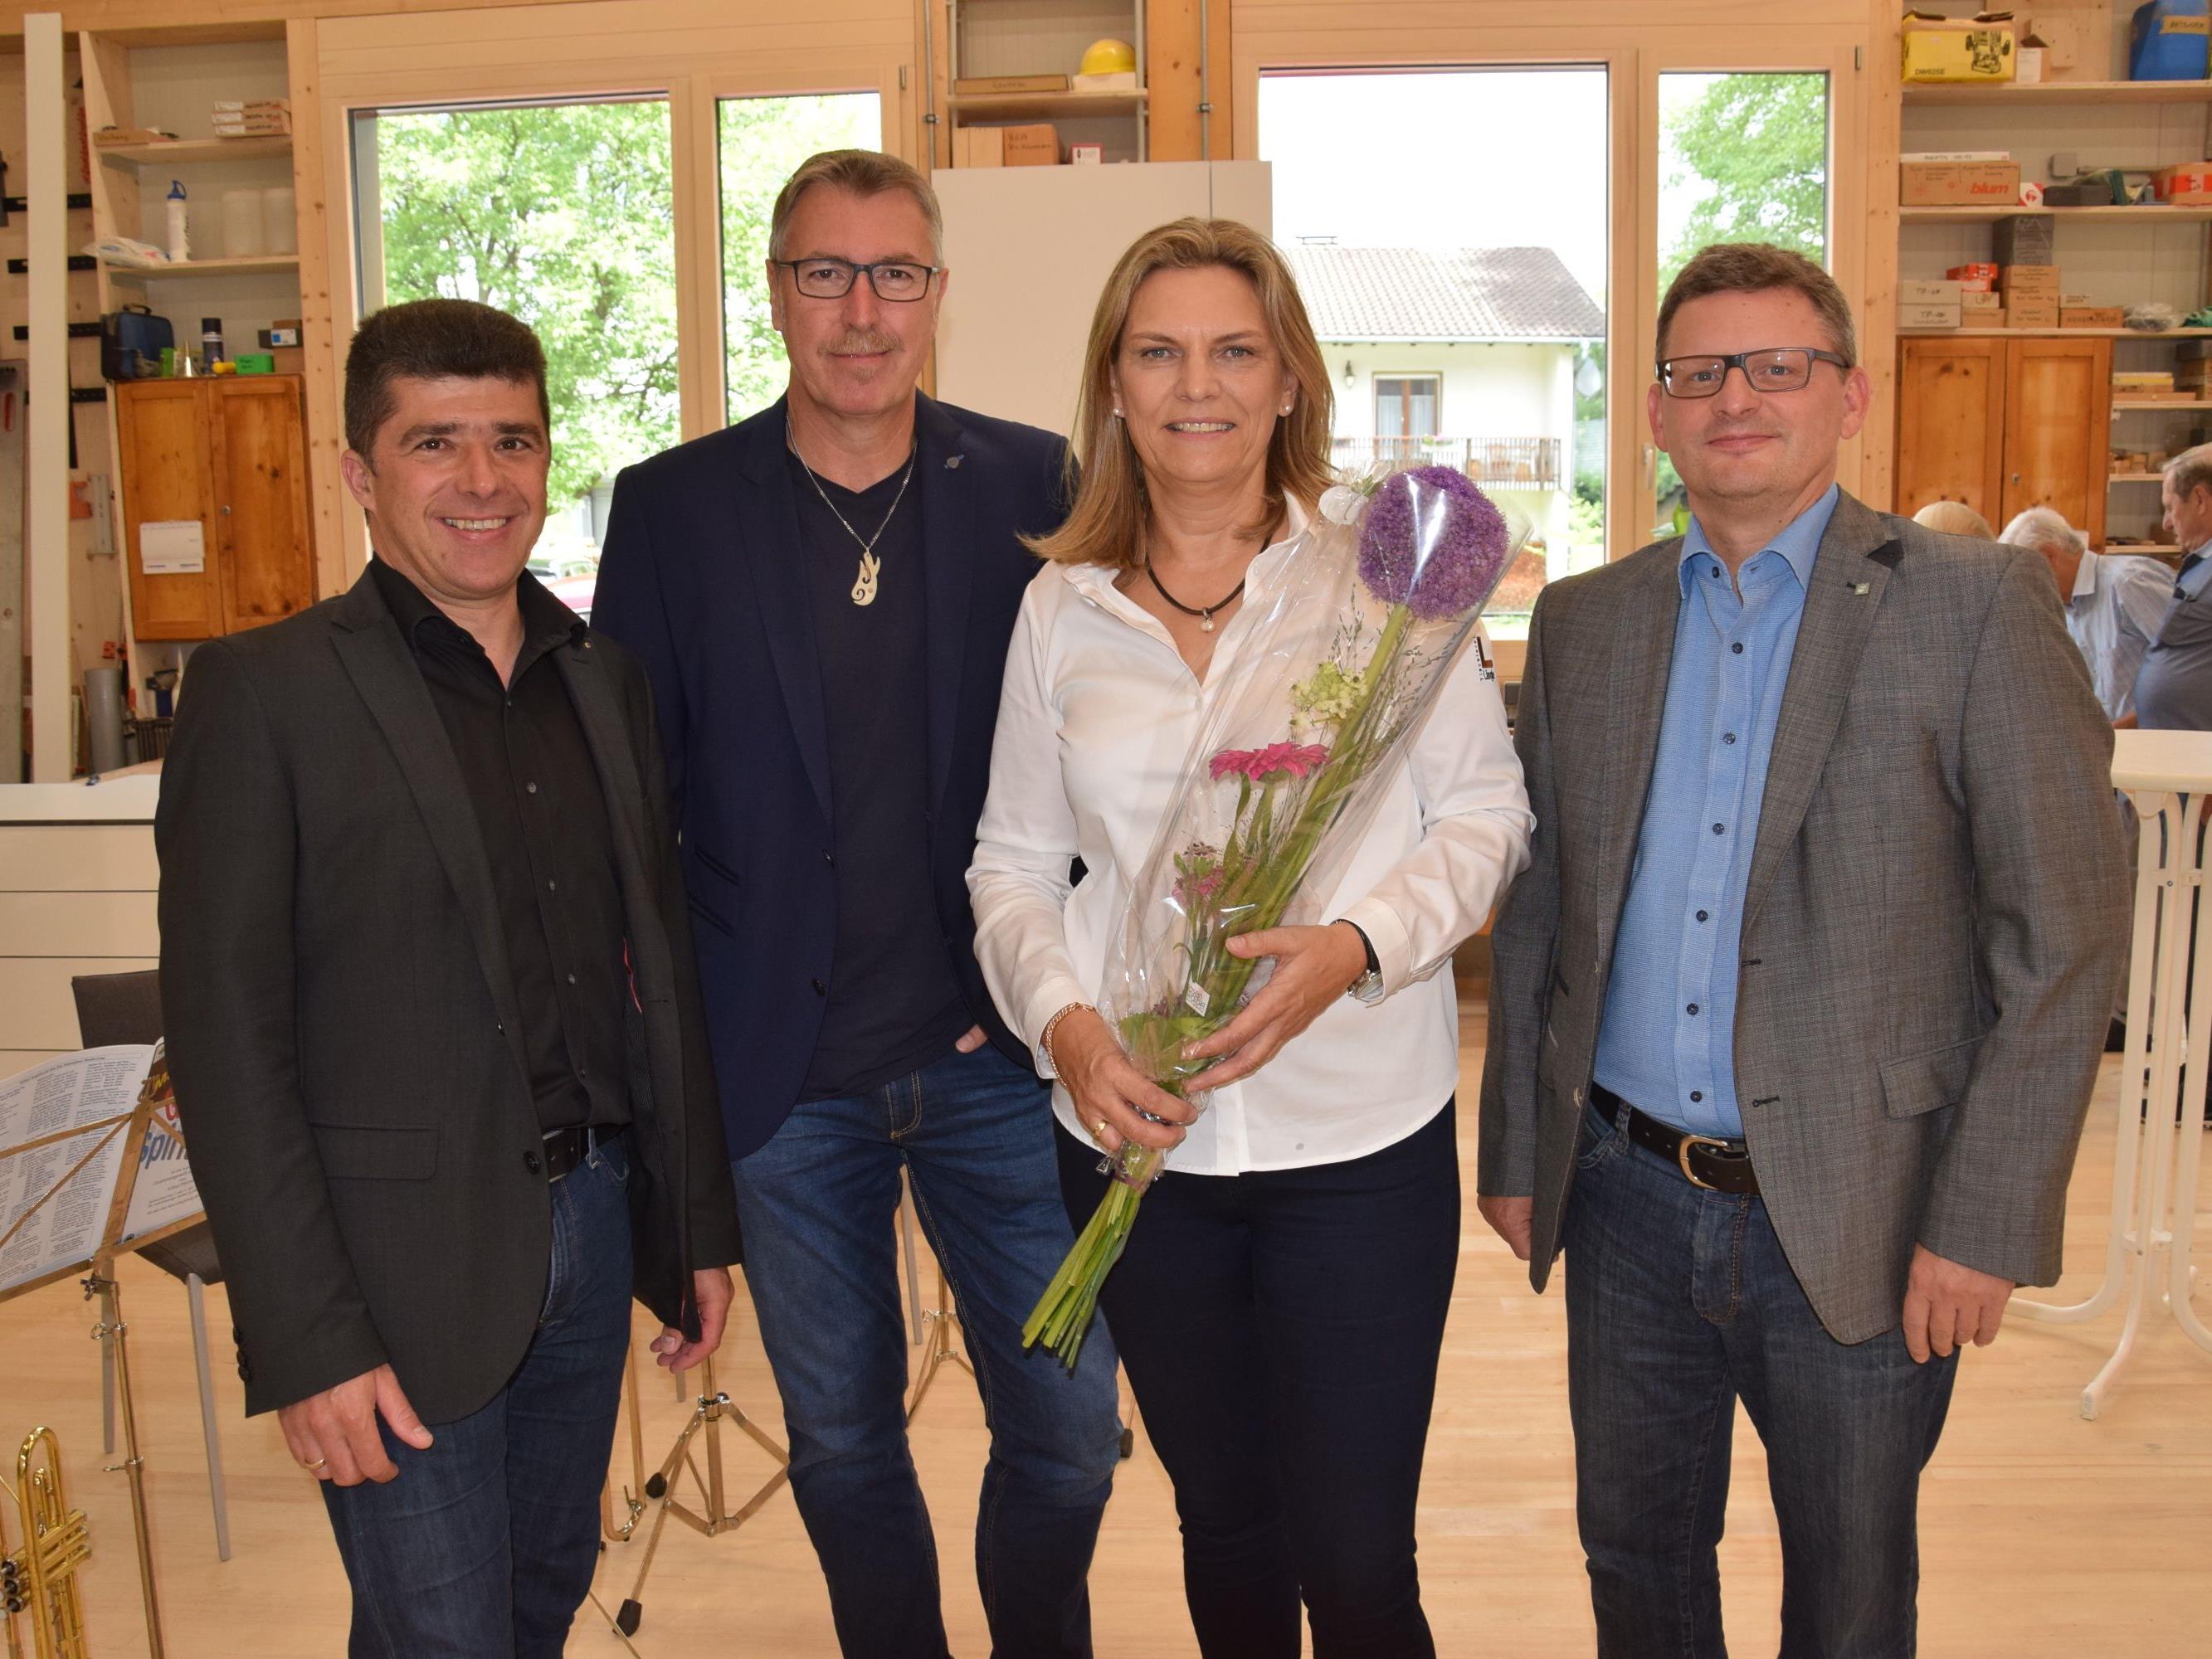 Unter den Gratulanten: Vizebürgermeister Clemens Ender, Helmut Scholler (first), GF Gabi Längle und Klaus Himmelreich (VLV)